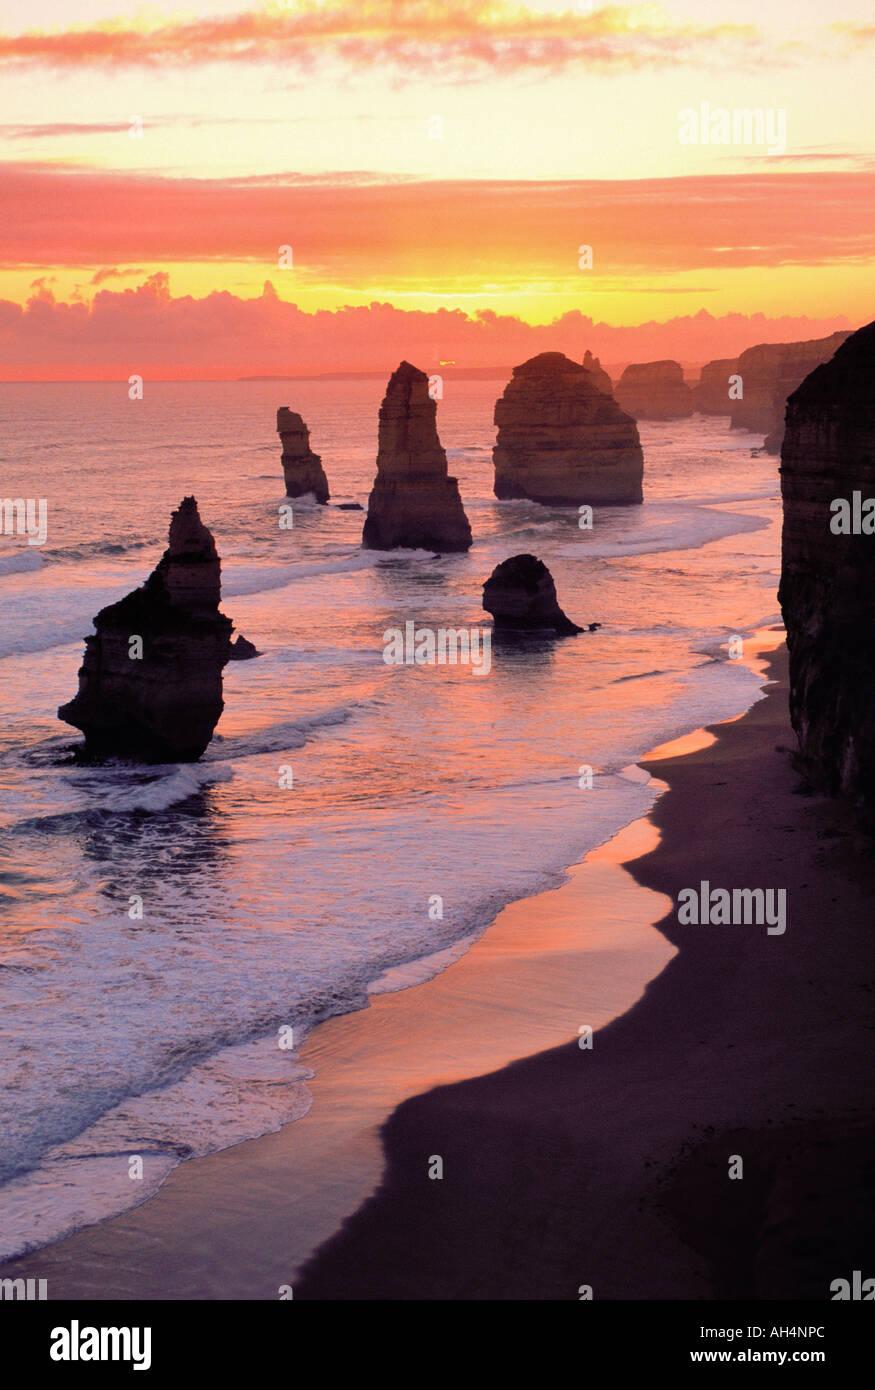 Os Doze Apóstolos, Port Campbell National Park, Victoria, Austrália Imagens de Stock